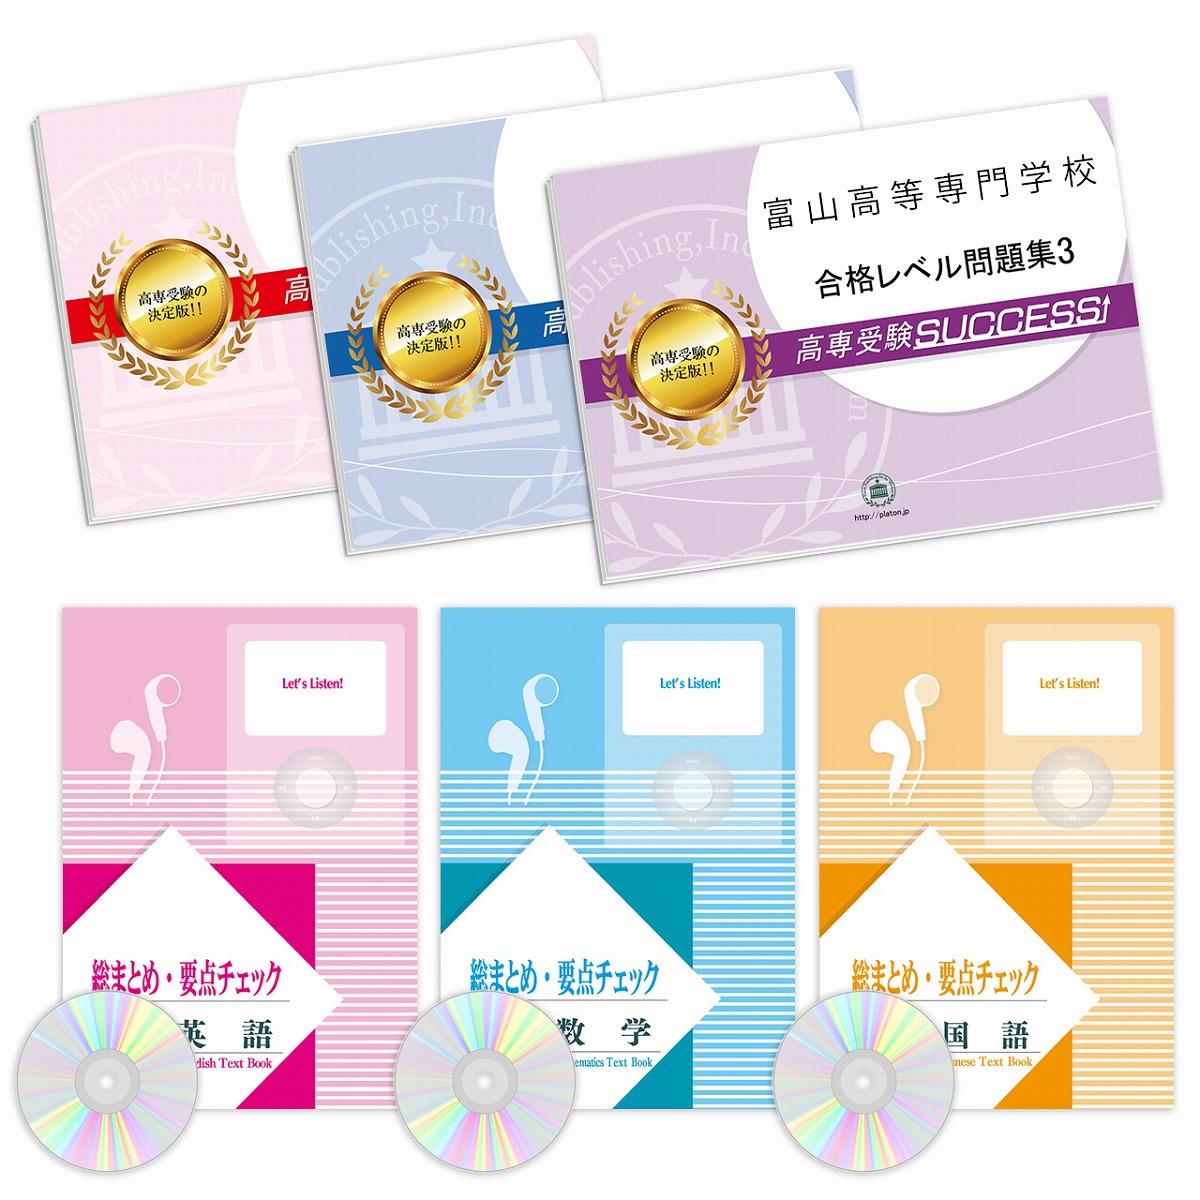 【送料・代引手数料無料】富山高等専門学校受験合格セット(6冊)